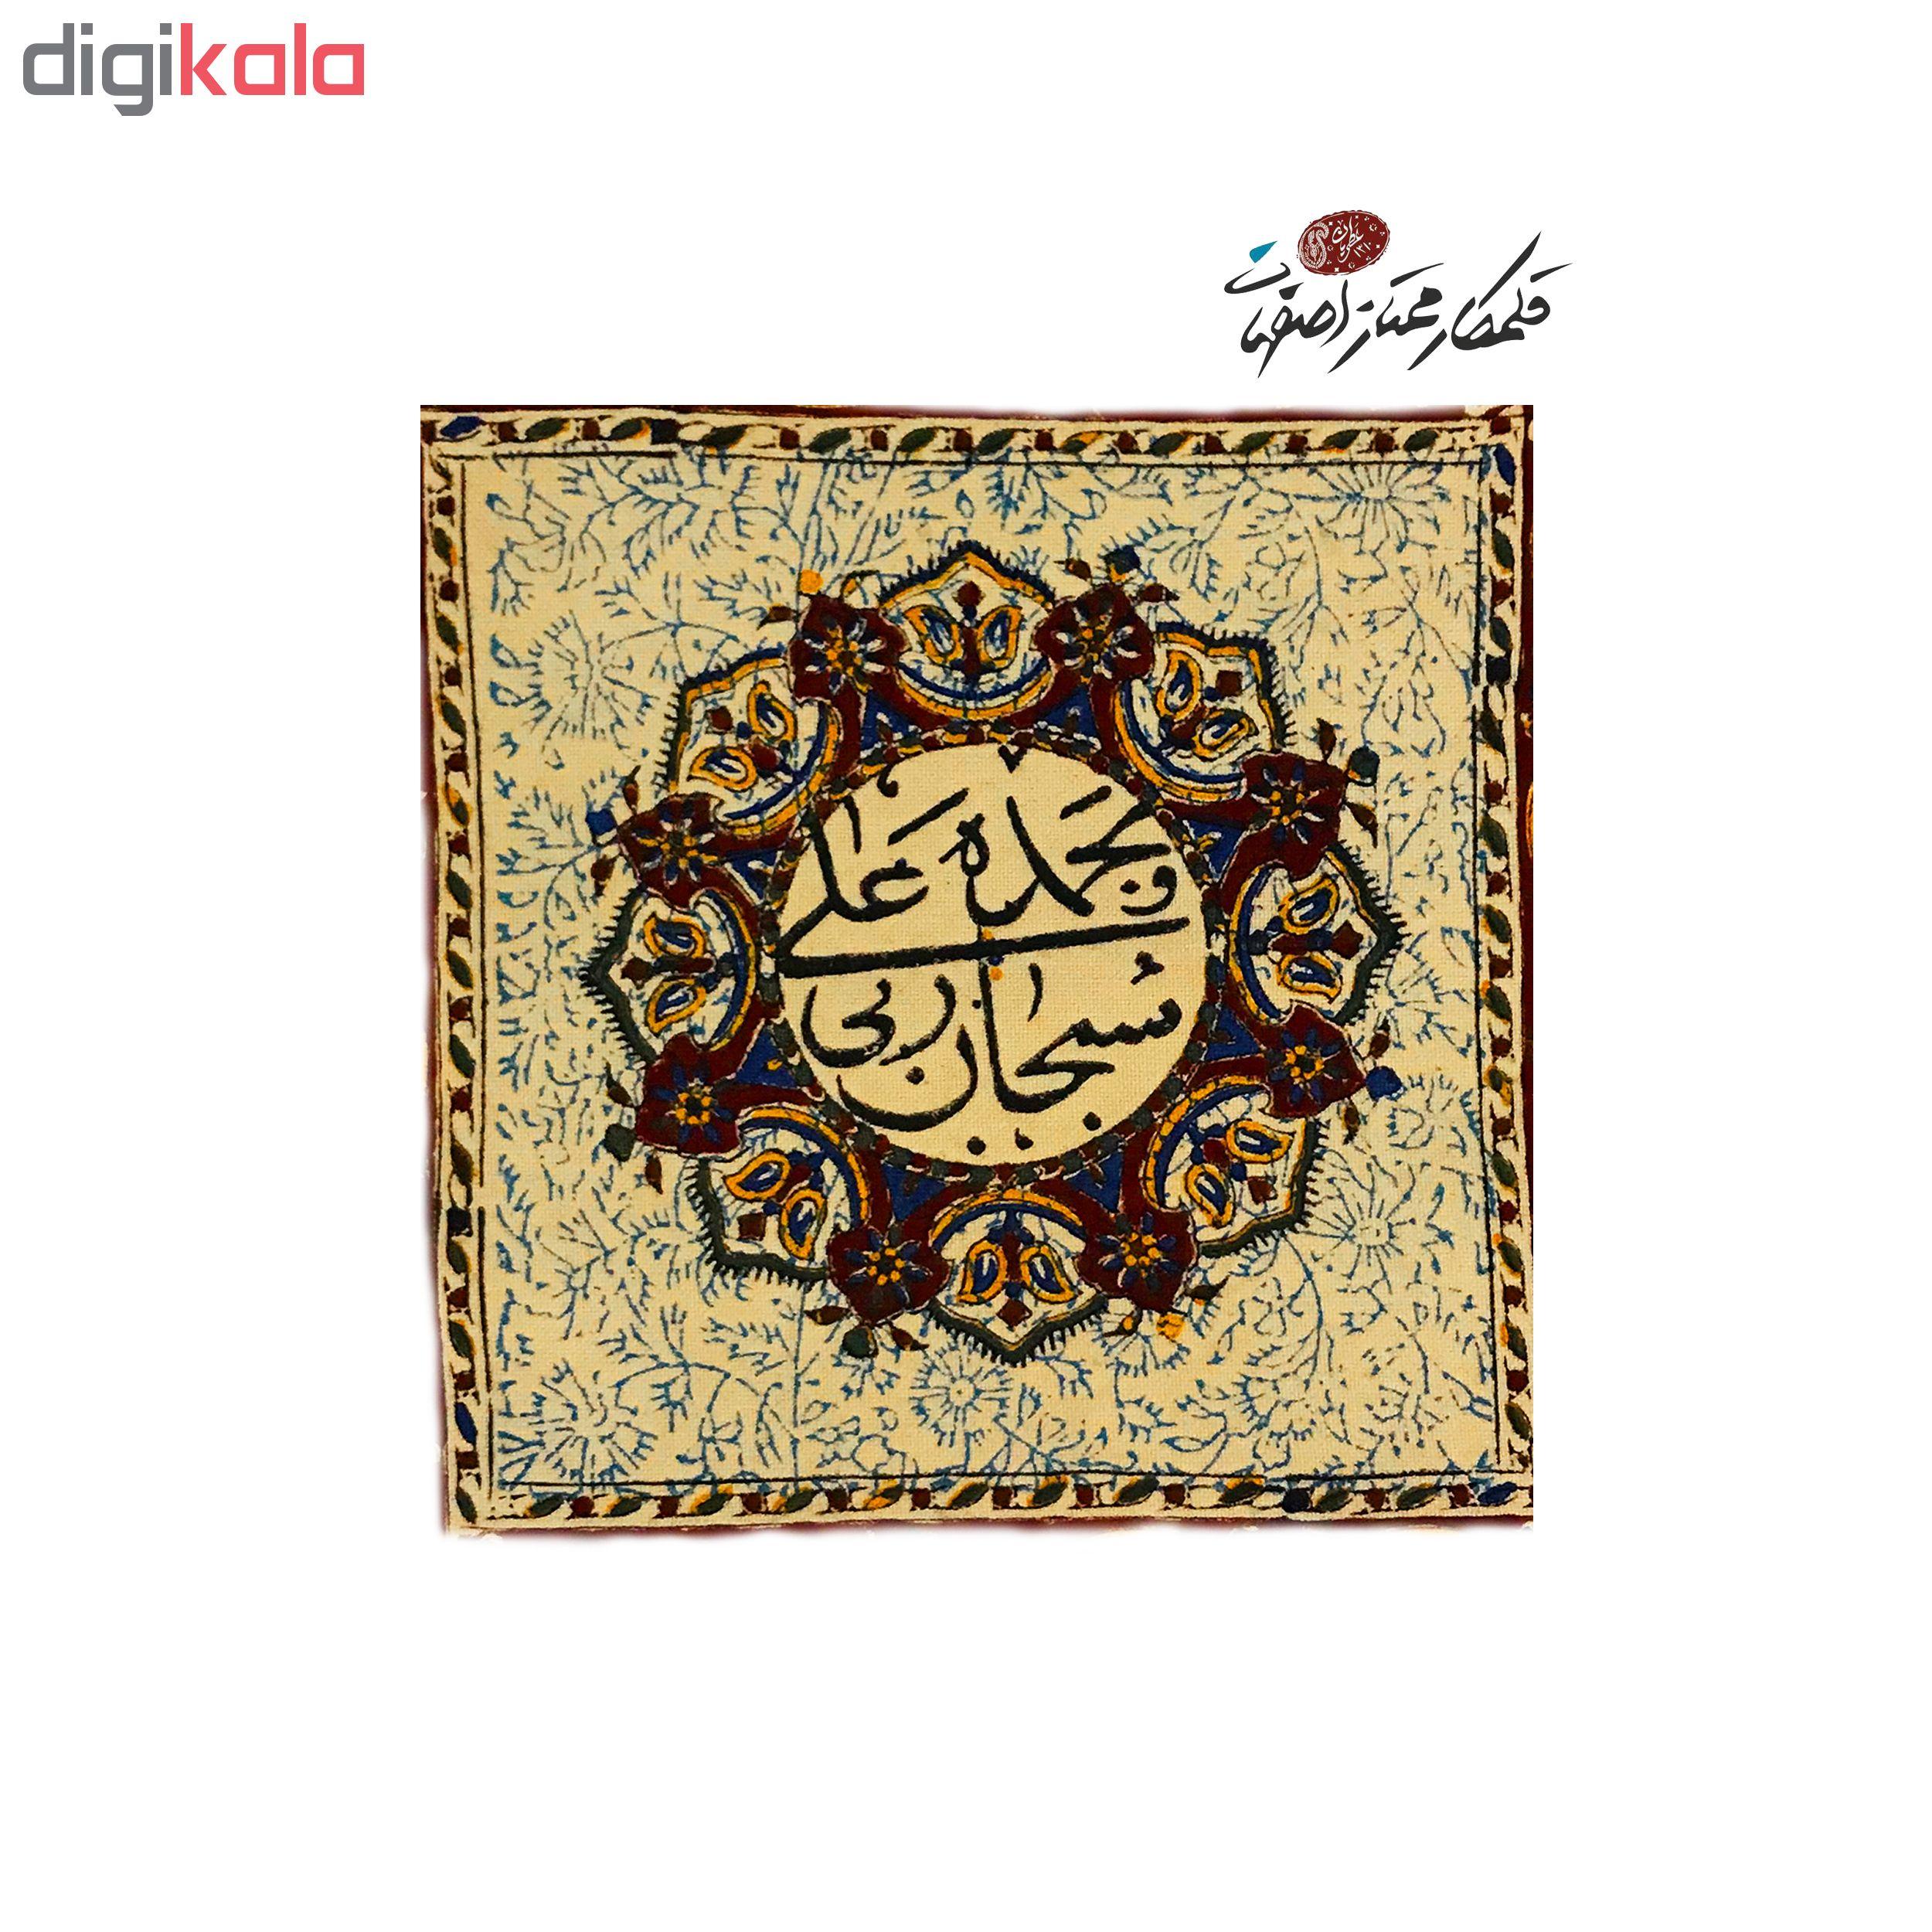 رومیزی قلمکار ممتاز اصفهان اثر عطريان طرح سبحان الله مدل G91سایز 30*30 سانتی متر